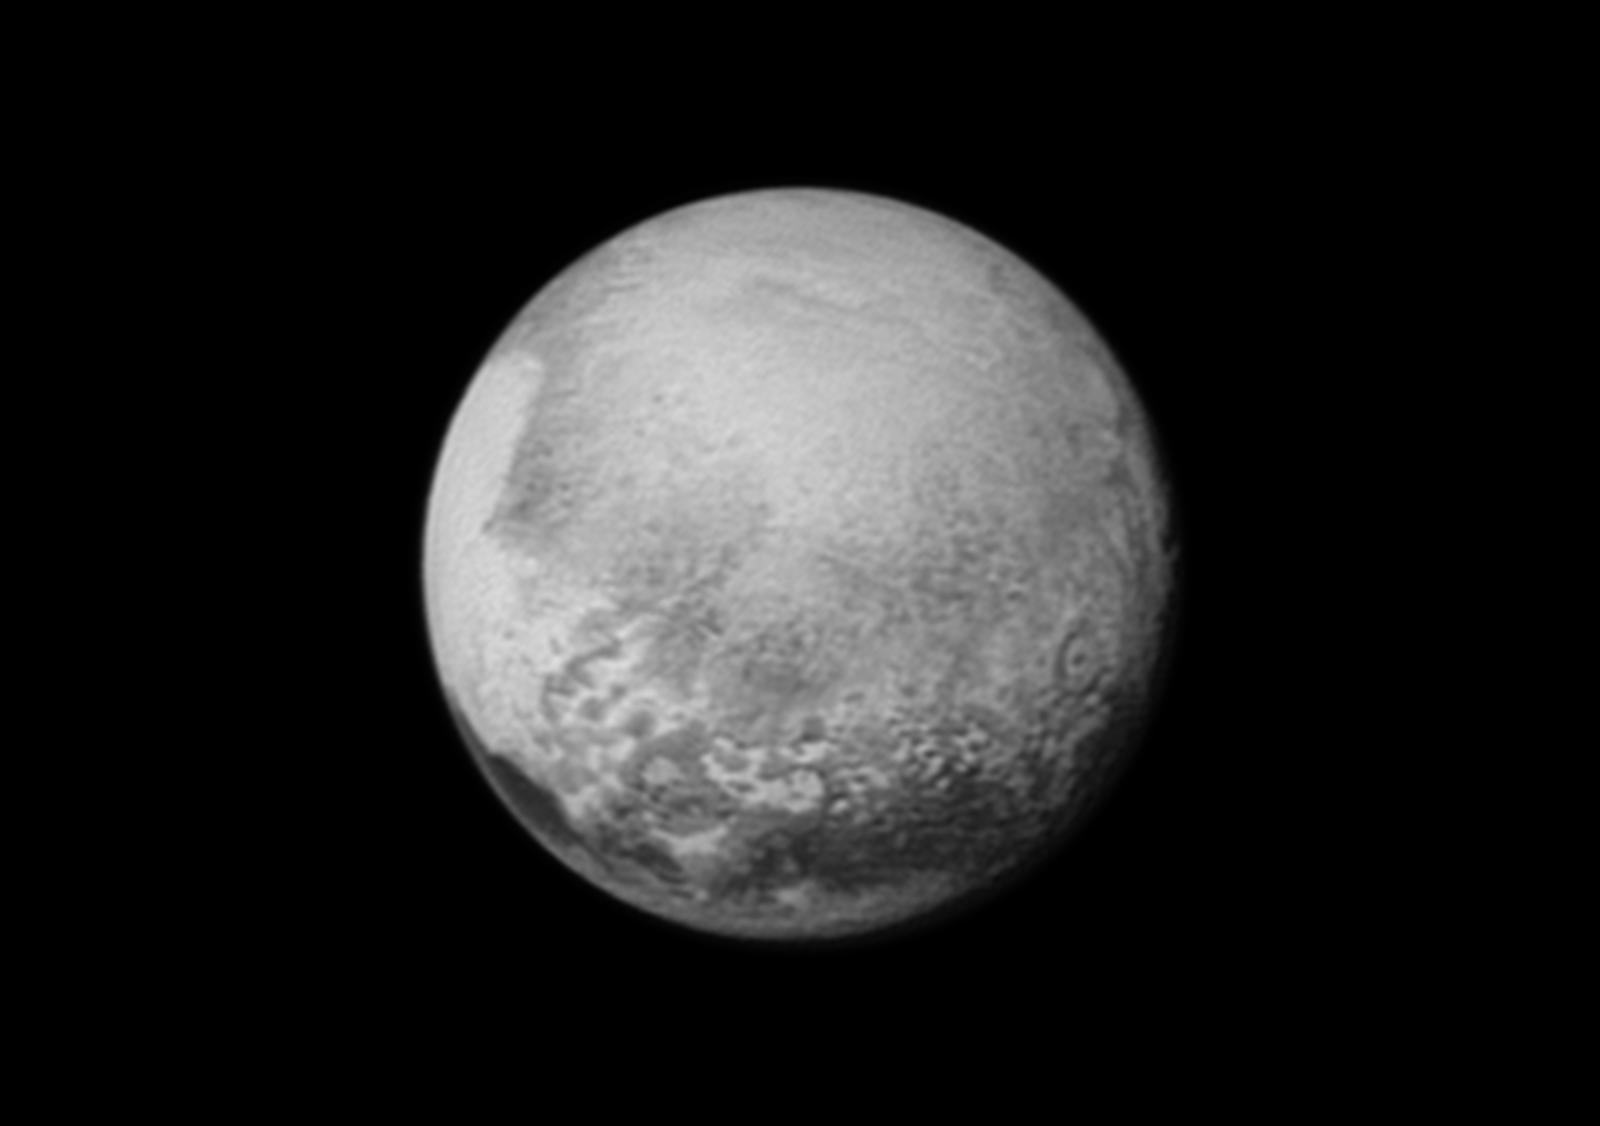 Foto NASA/JHUAPL/SWRI